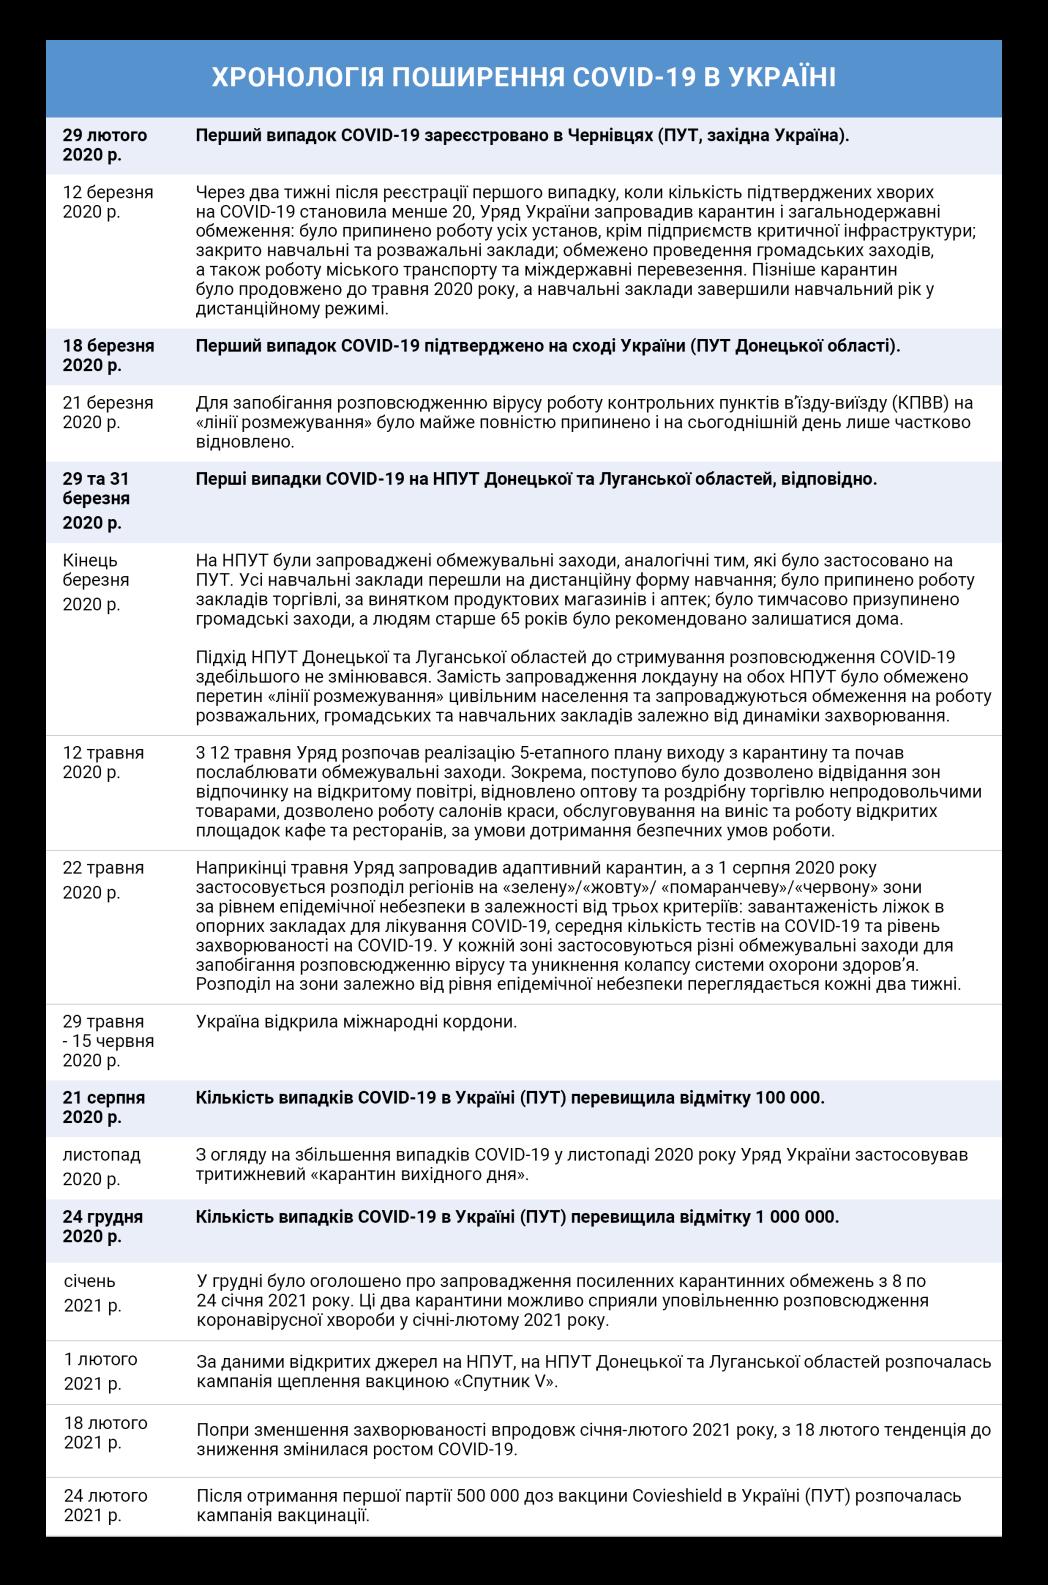 Хронологія поширення коронавірусної хвороби COVID-19